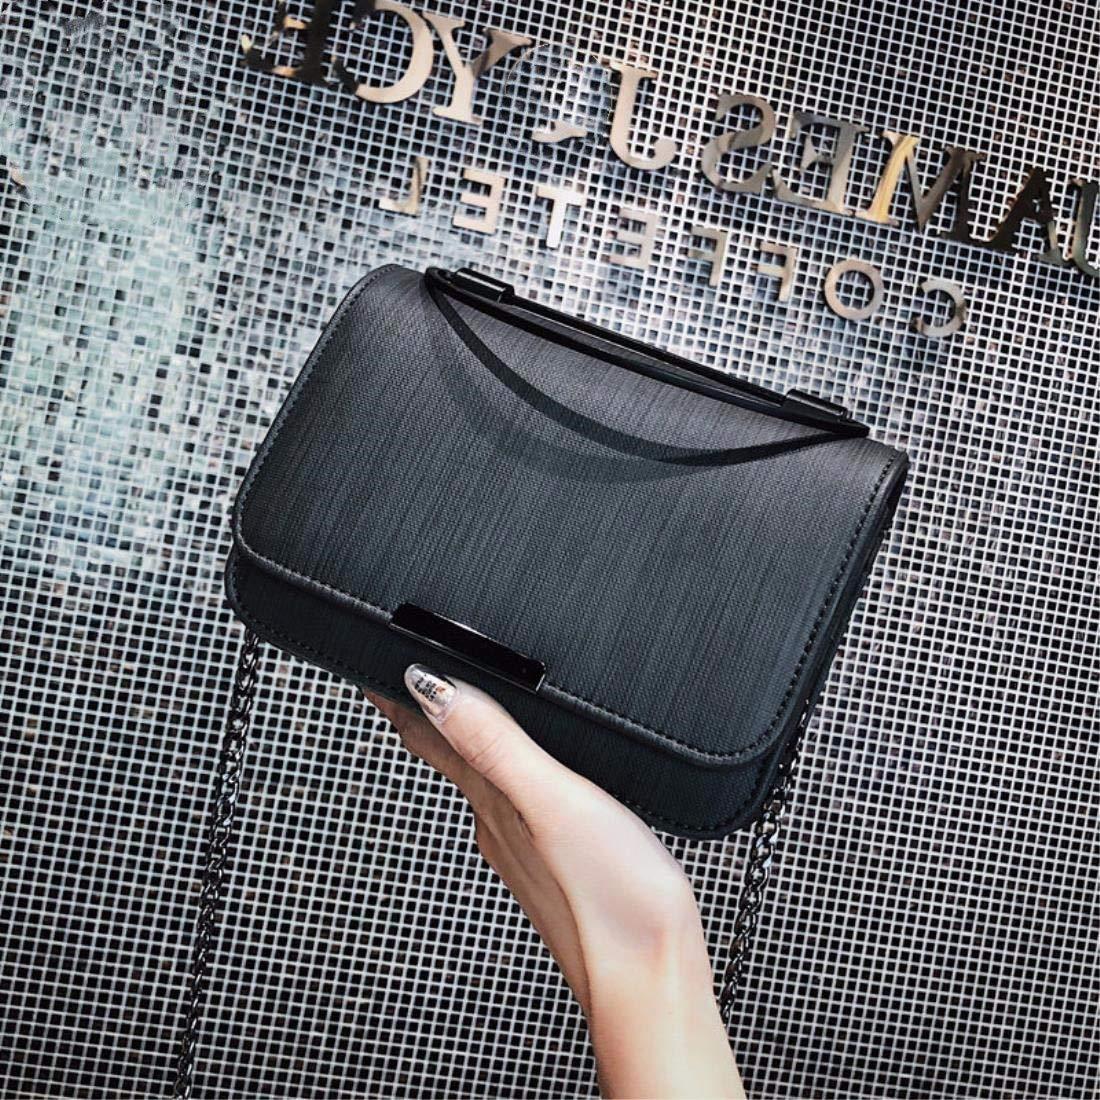 LIUXINDA-BB handtaschen Damen Leder Damen Schultertasche Frauen Frauen Frauen Umhängetasche B07GPDGWMN Umhngetaschen Günstigen Preis f422fd